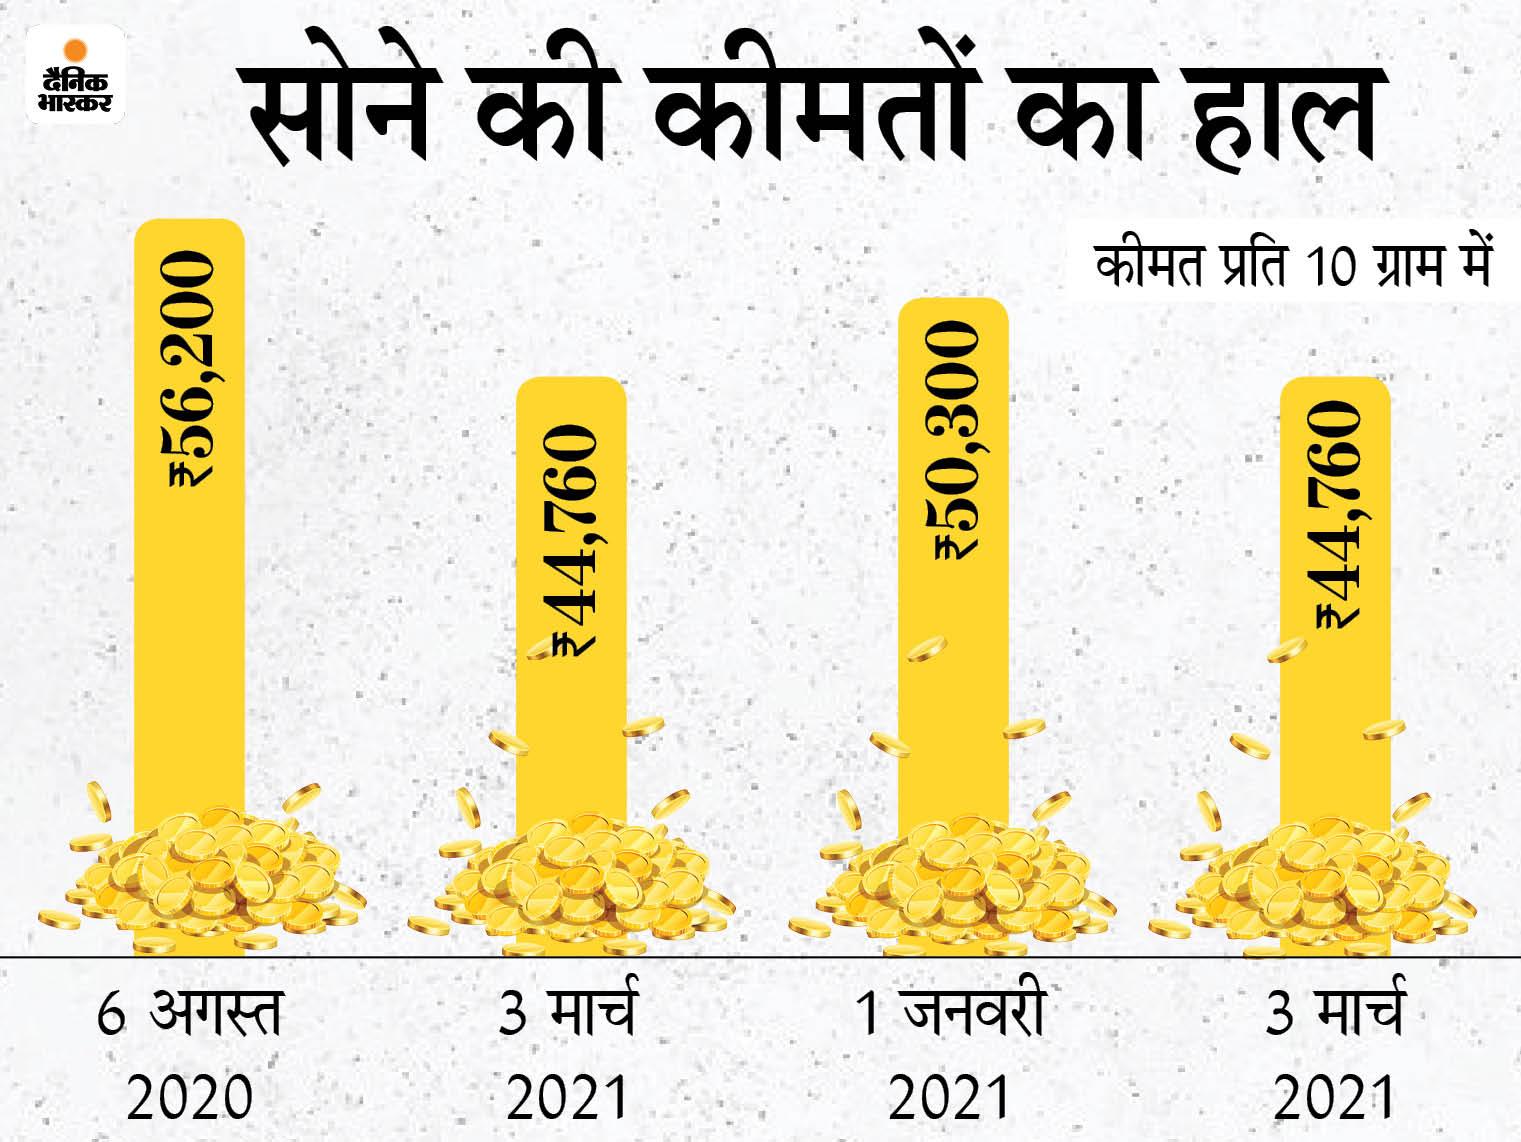 7 महीने में सोना 11,500 रुपए सस्ता हुआ, 56,200 से घटकर 45 हजार के नीचे आया बिजनेस,Business - Dainik Bhaskar